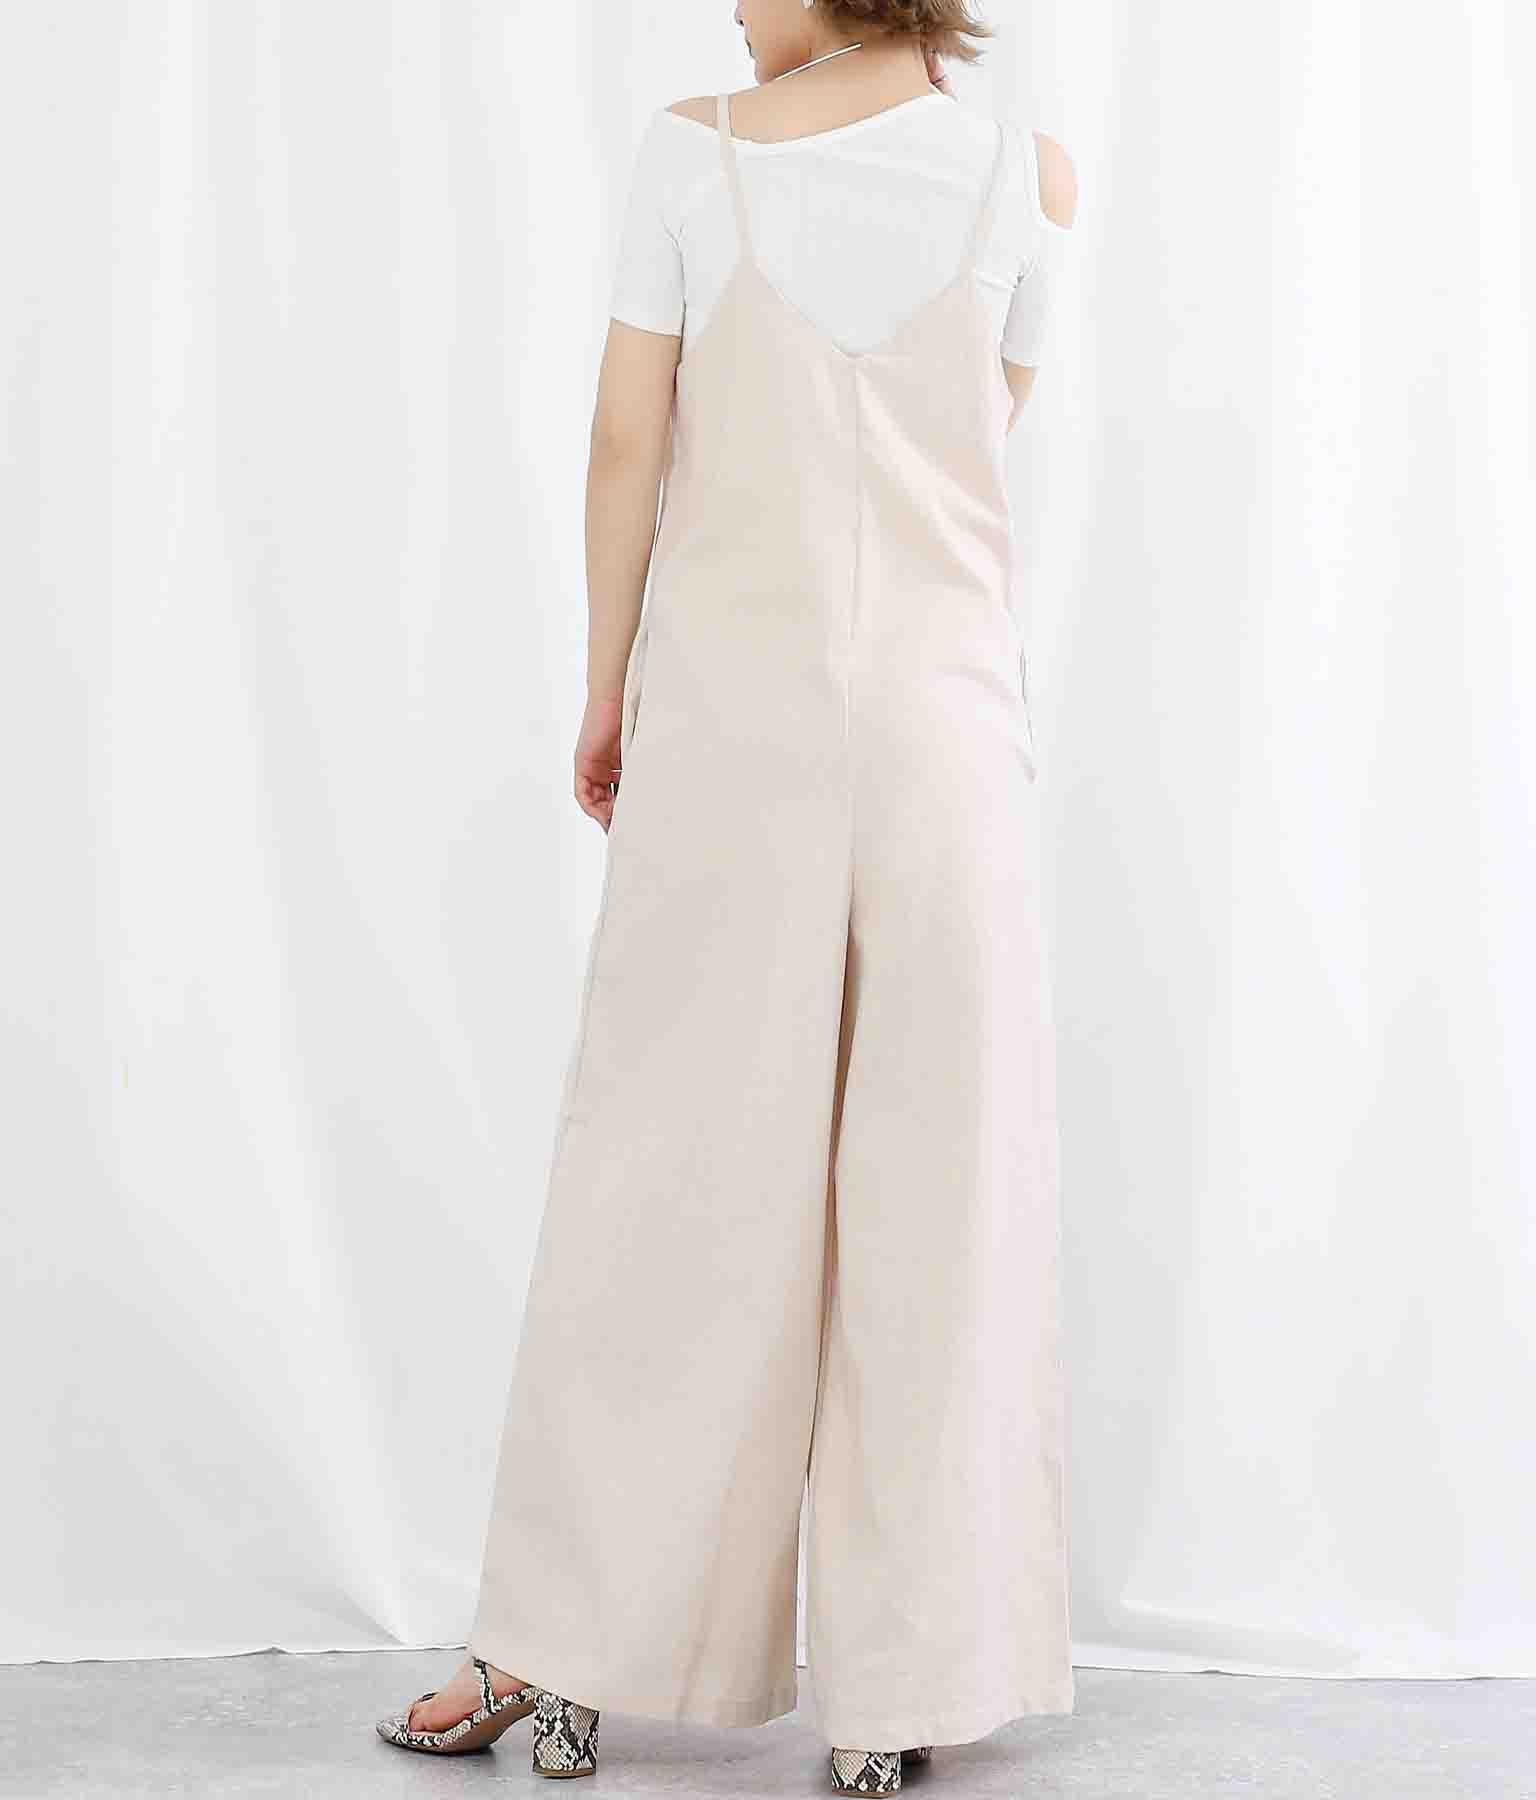 リネン混ディープVネックワイドパンツオールインワン(ワンピース・ドレス/サロペット/オールインワン) | Settimissimo